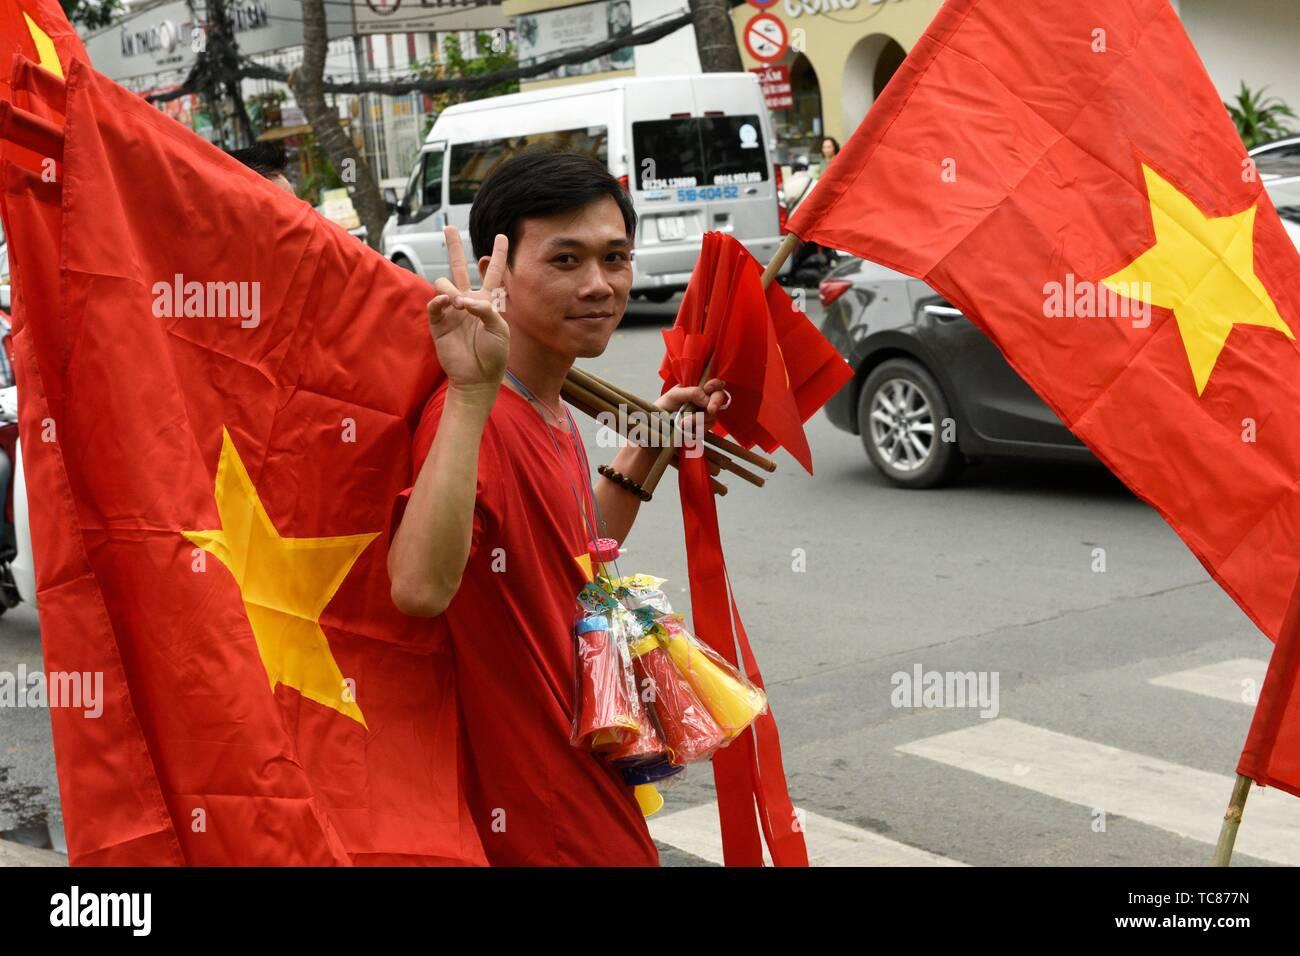 Mann seling Vietnamesischen Flaggen in Ho Chi Minh City, Vietnam, Südostasien. Stockfoto